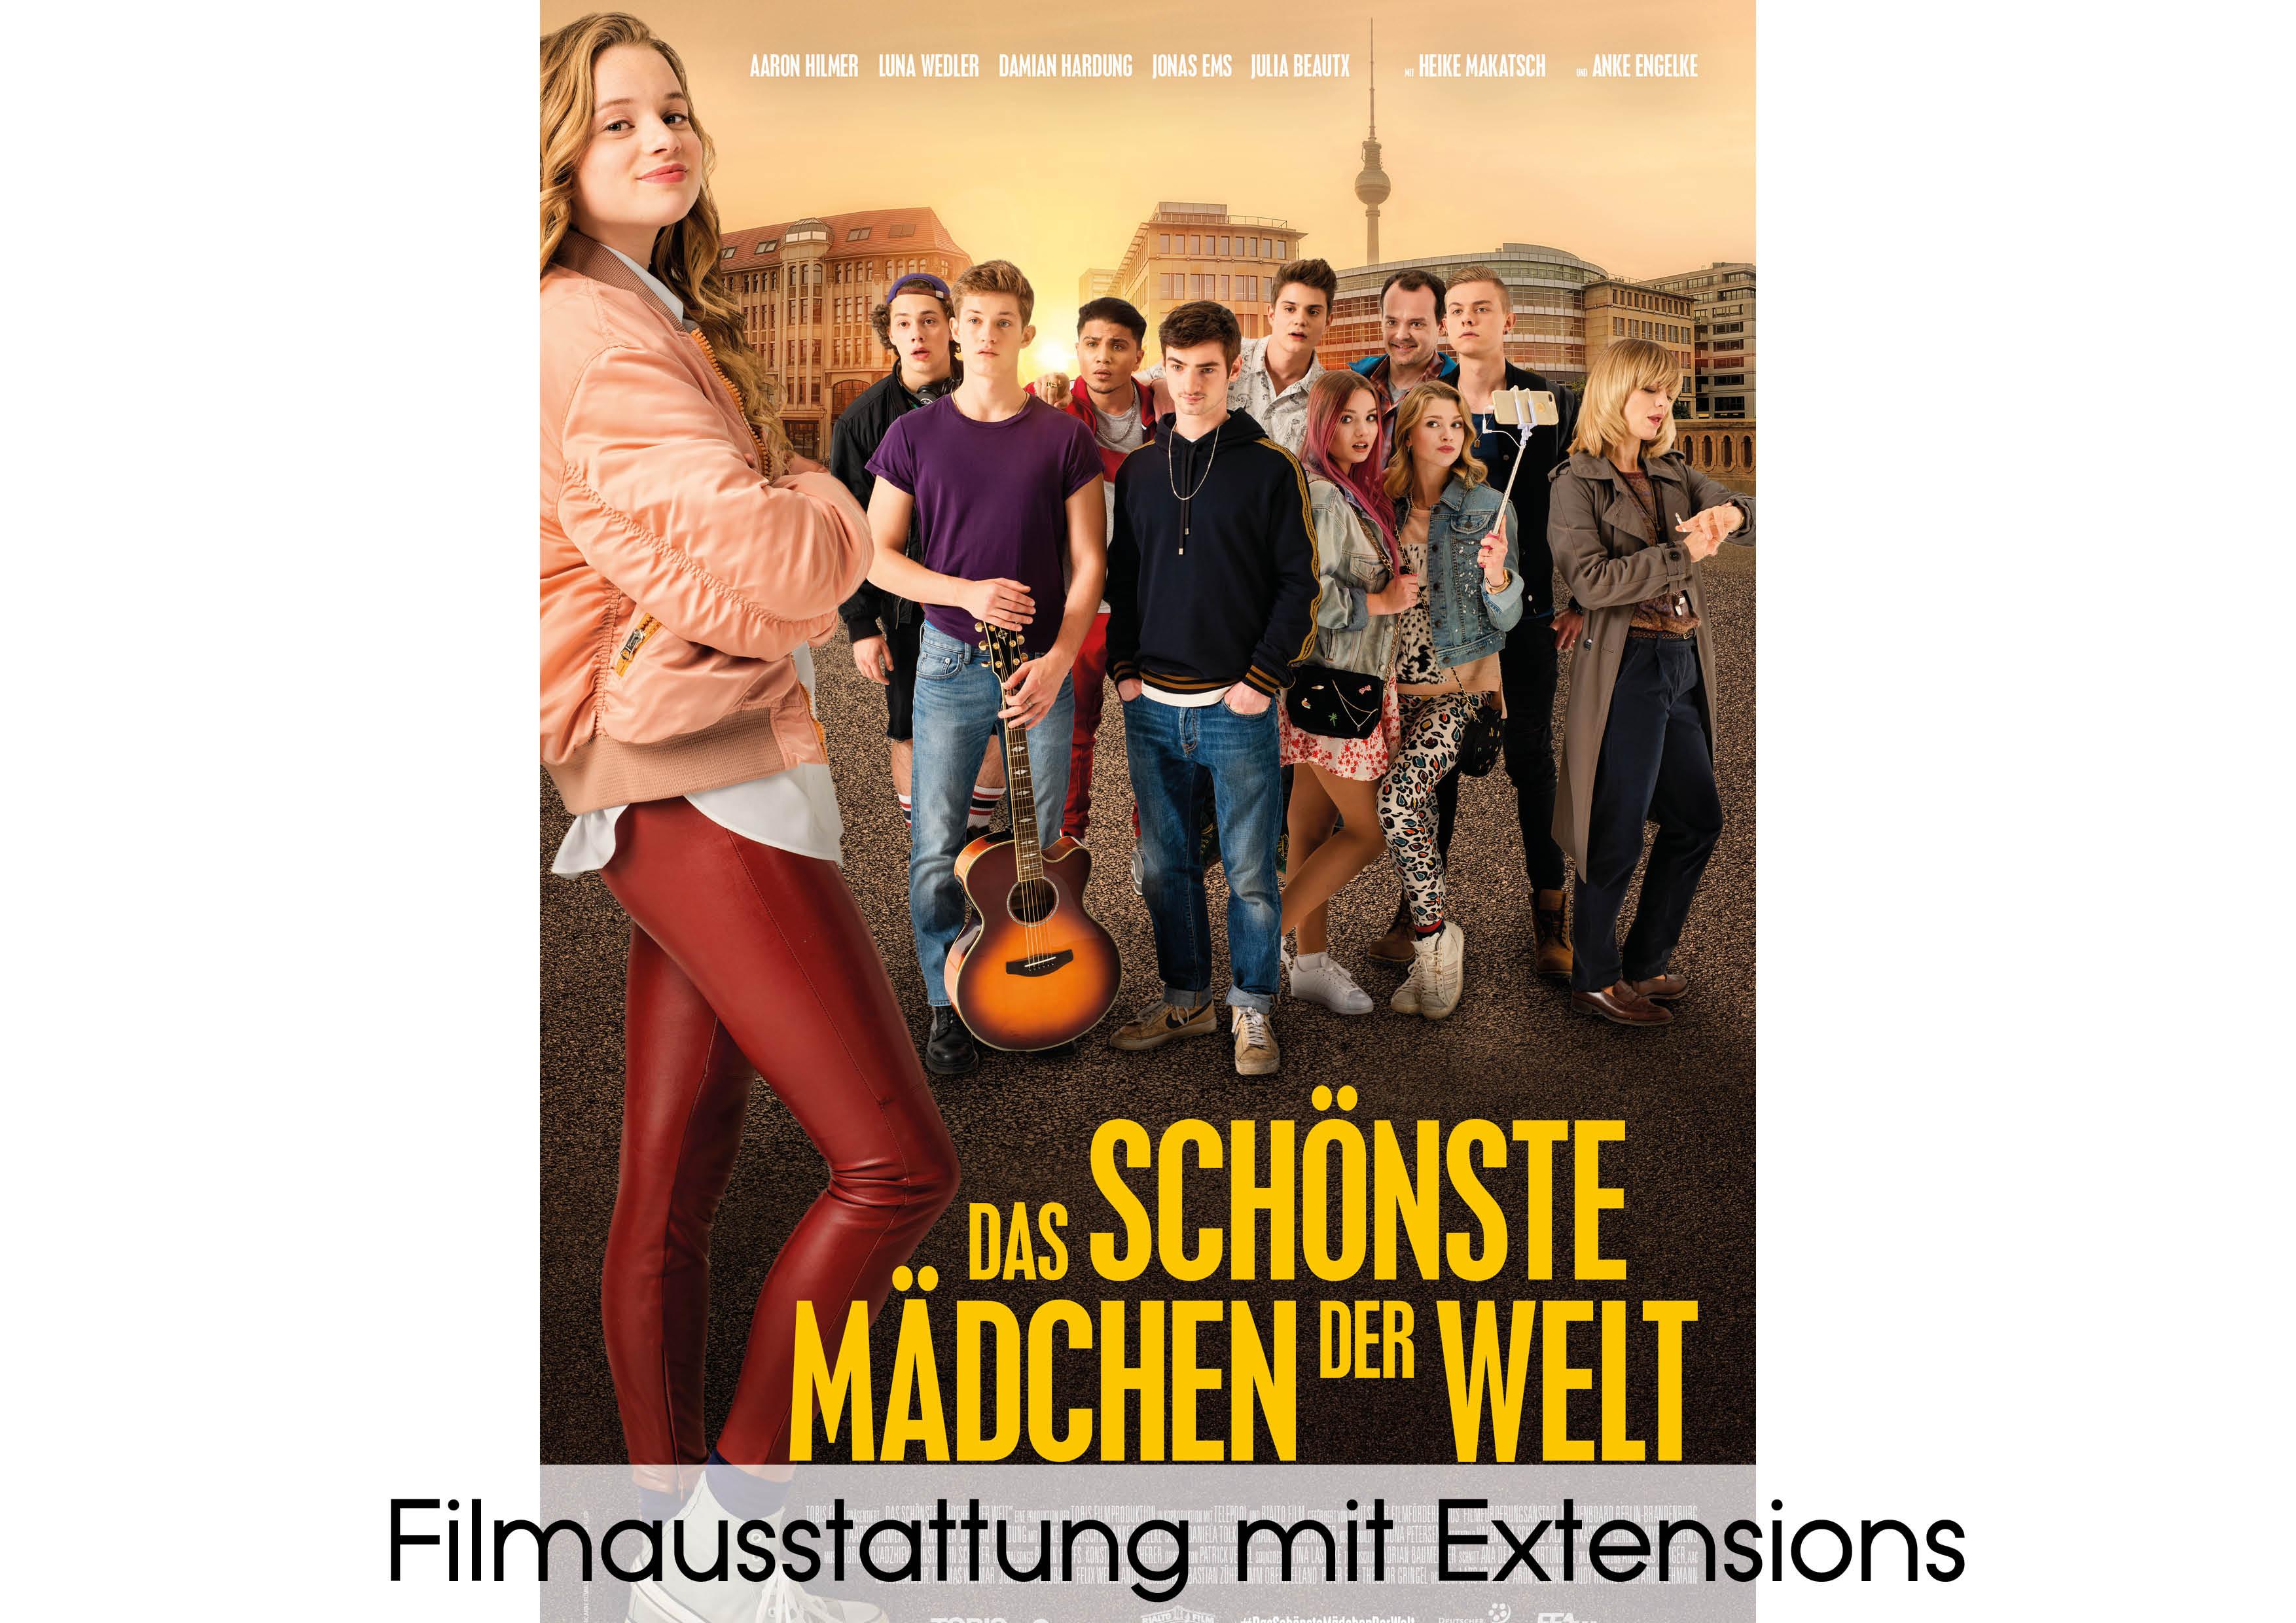 Filmausstattung mit Extensions - Sponsor von Verlocke